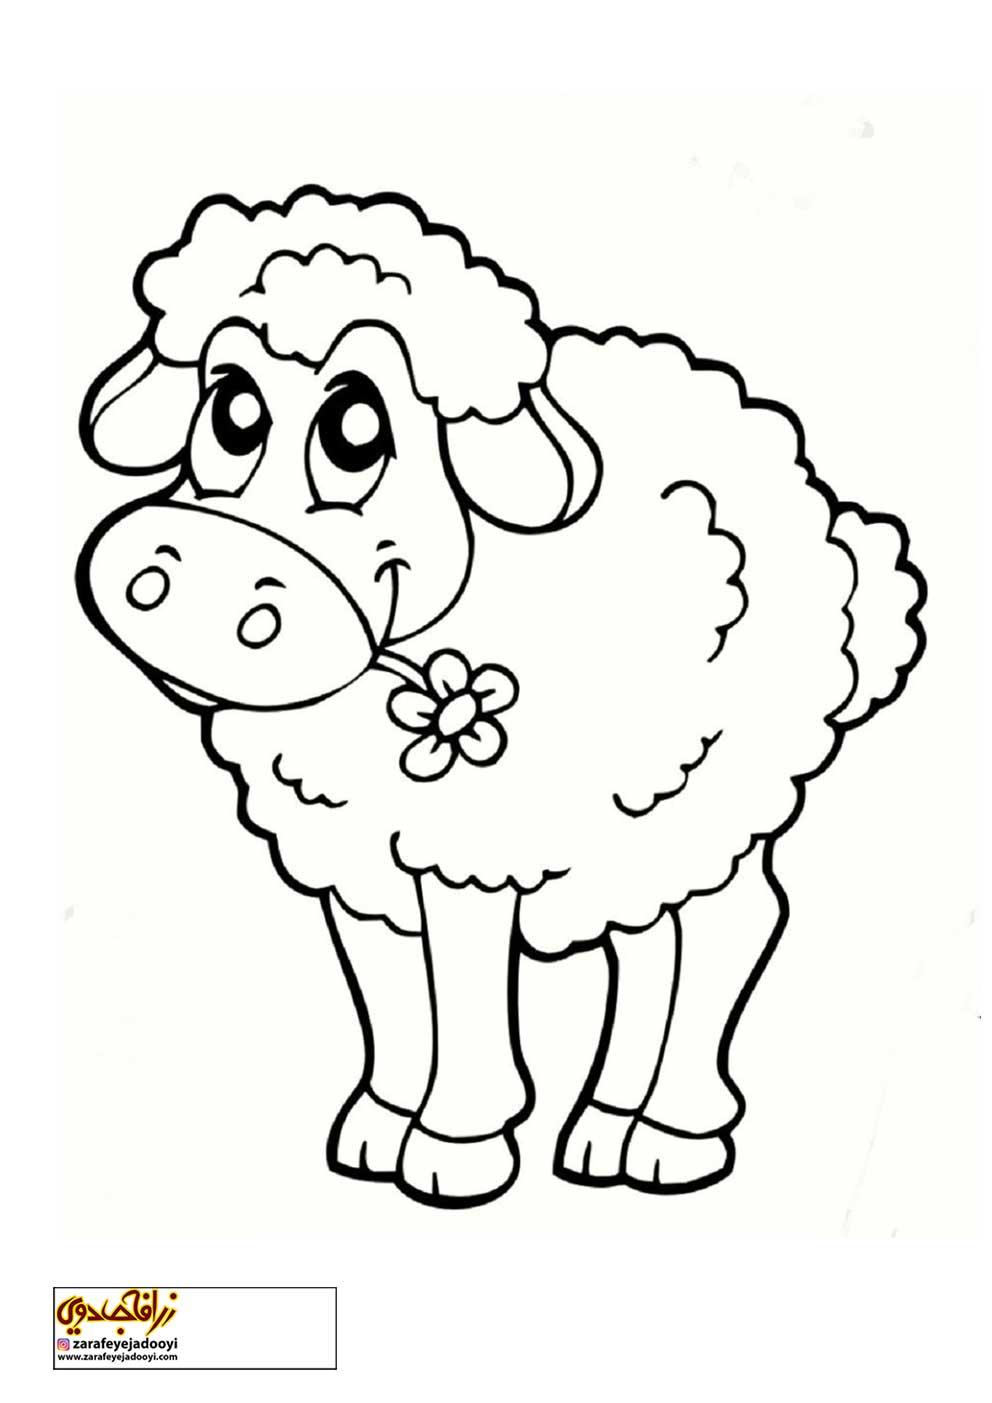 زرافه-جادویی-رنگ-آمیزی-کودکان-گوسفند-03